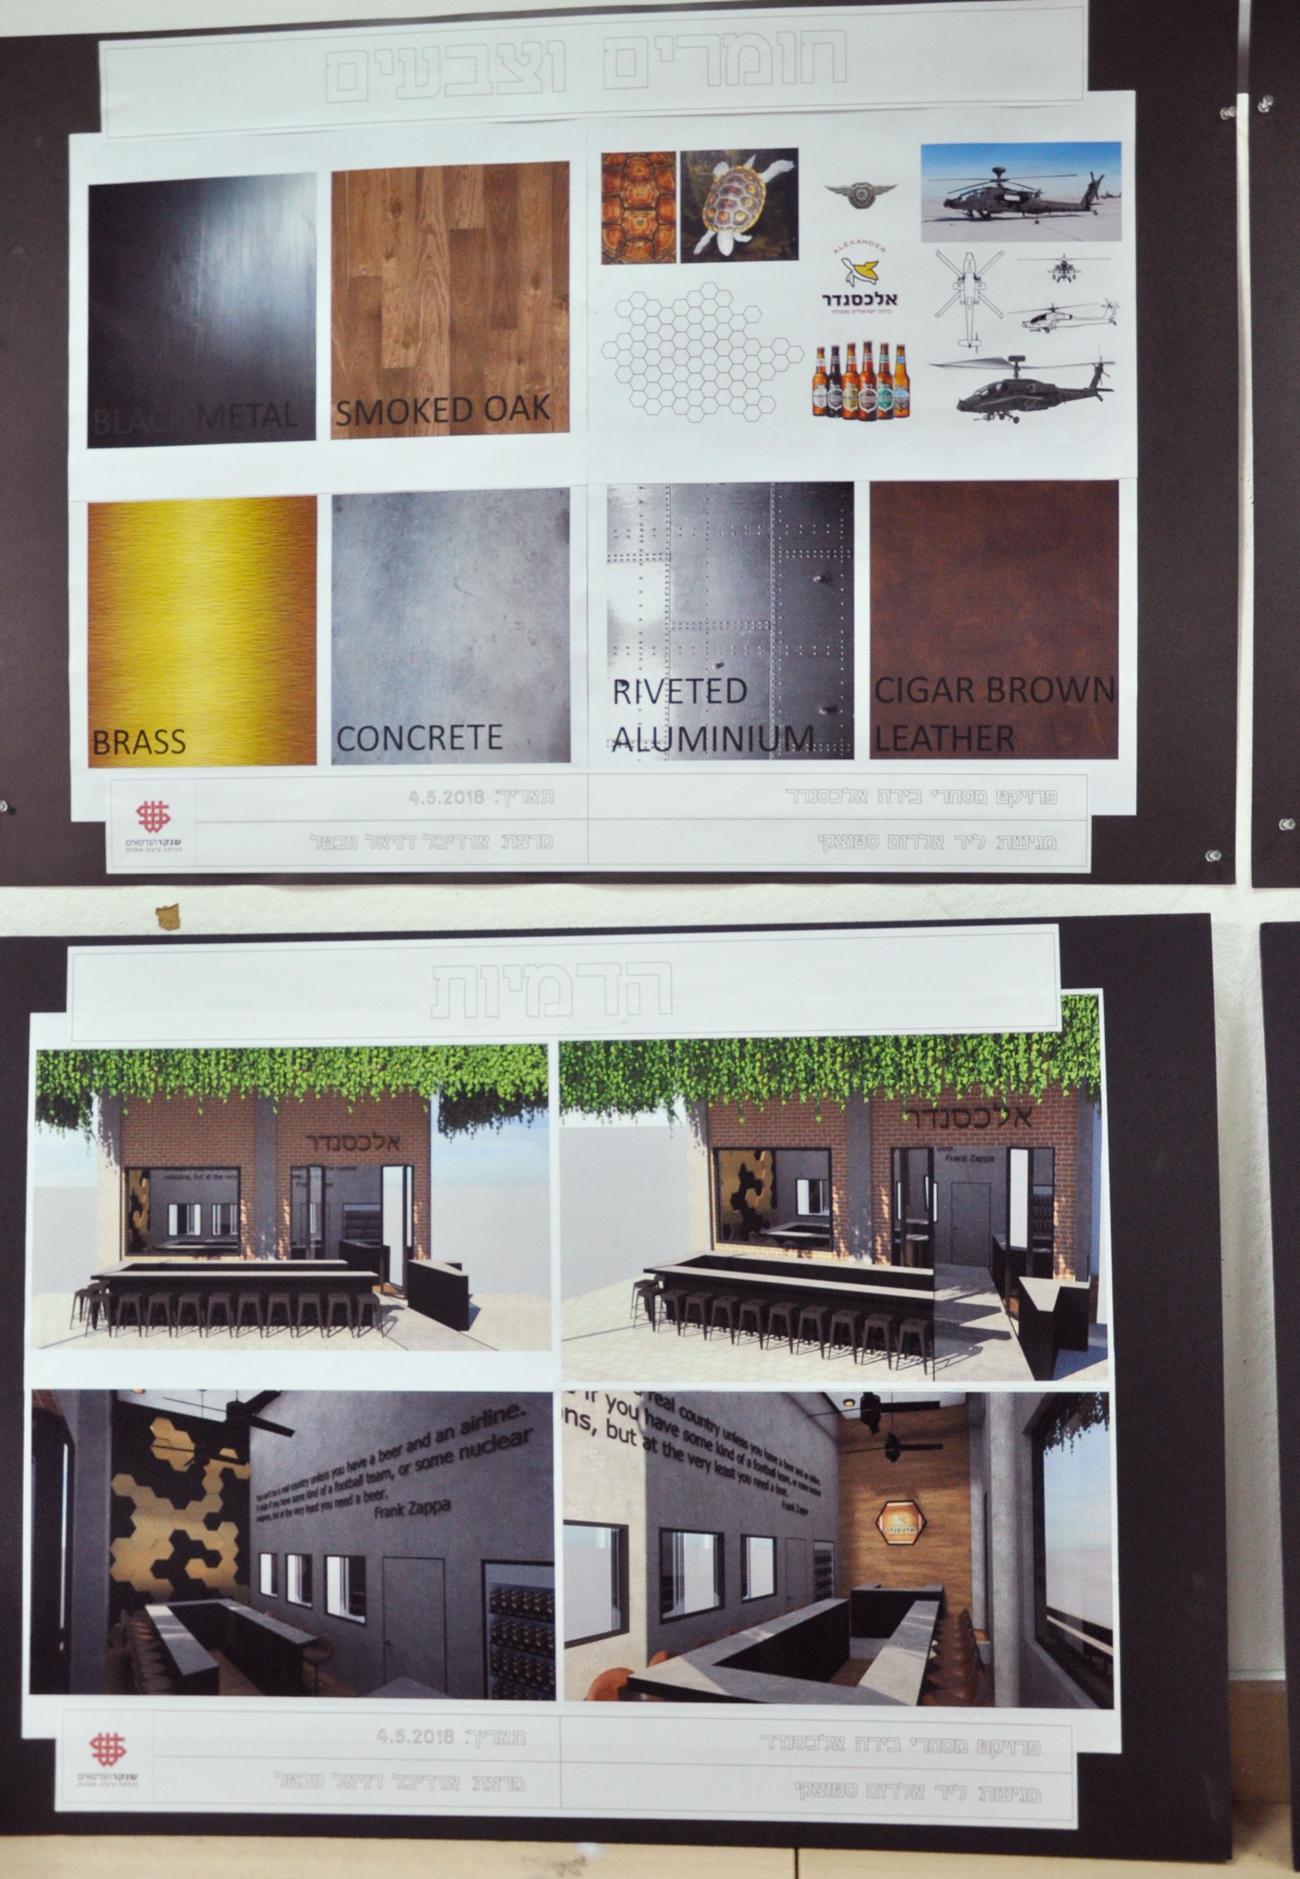 ליר מגישה - קונספט עיצוב פנים למרכז המבקרים של בירה אלכסנדר - שנקר הנדסאים